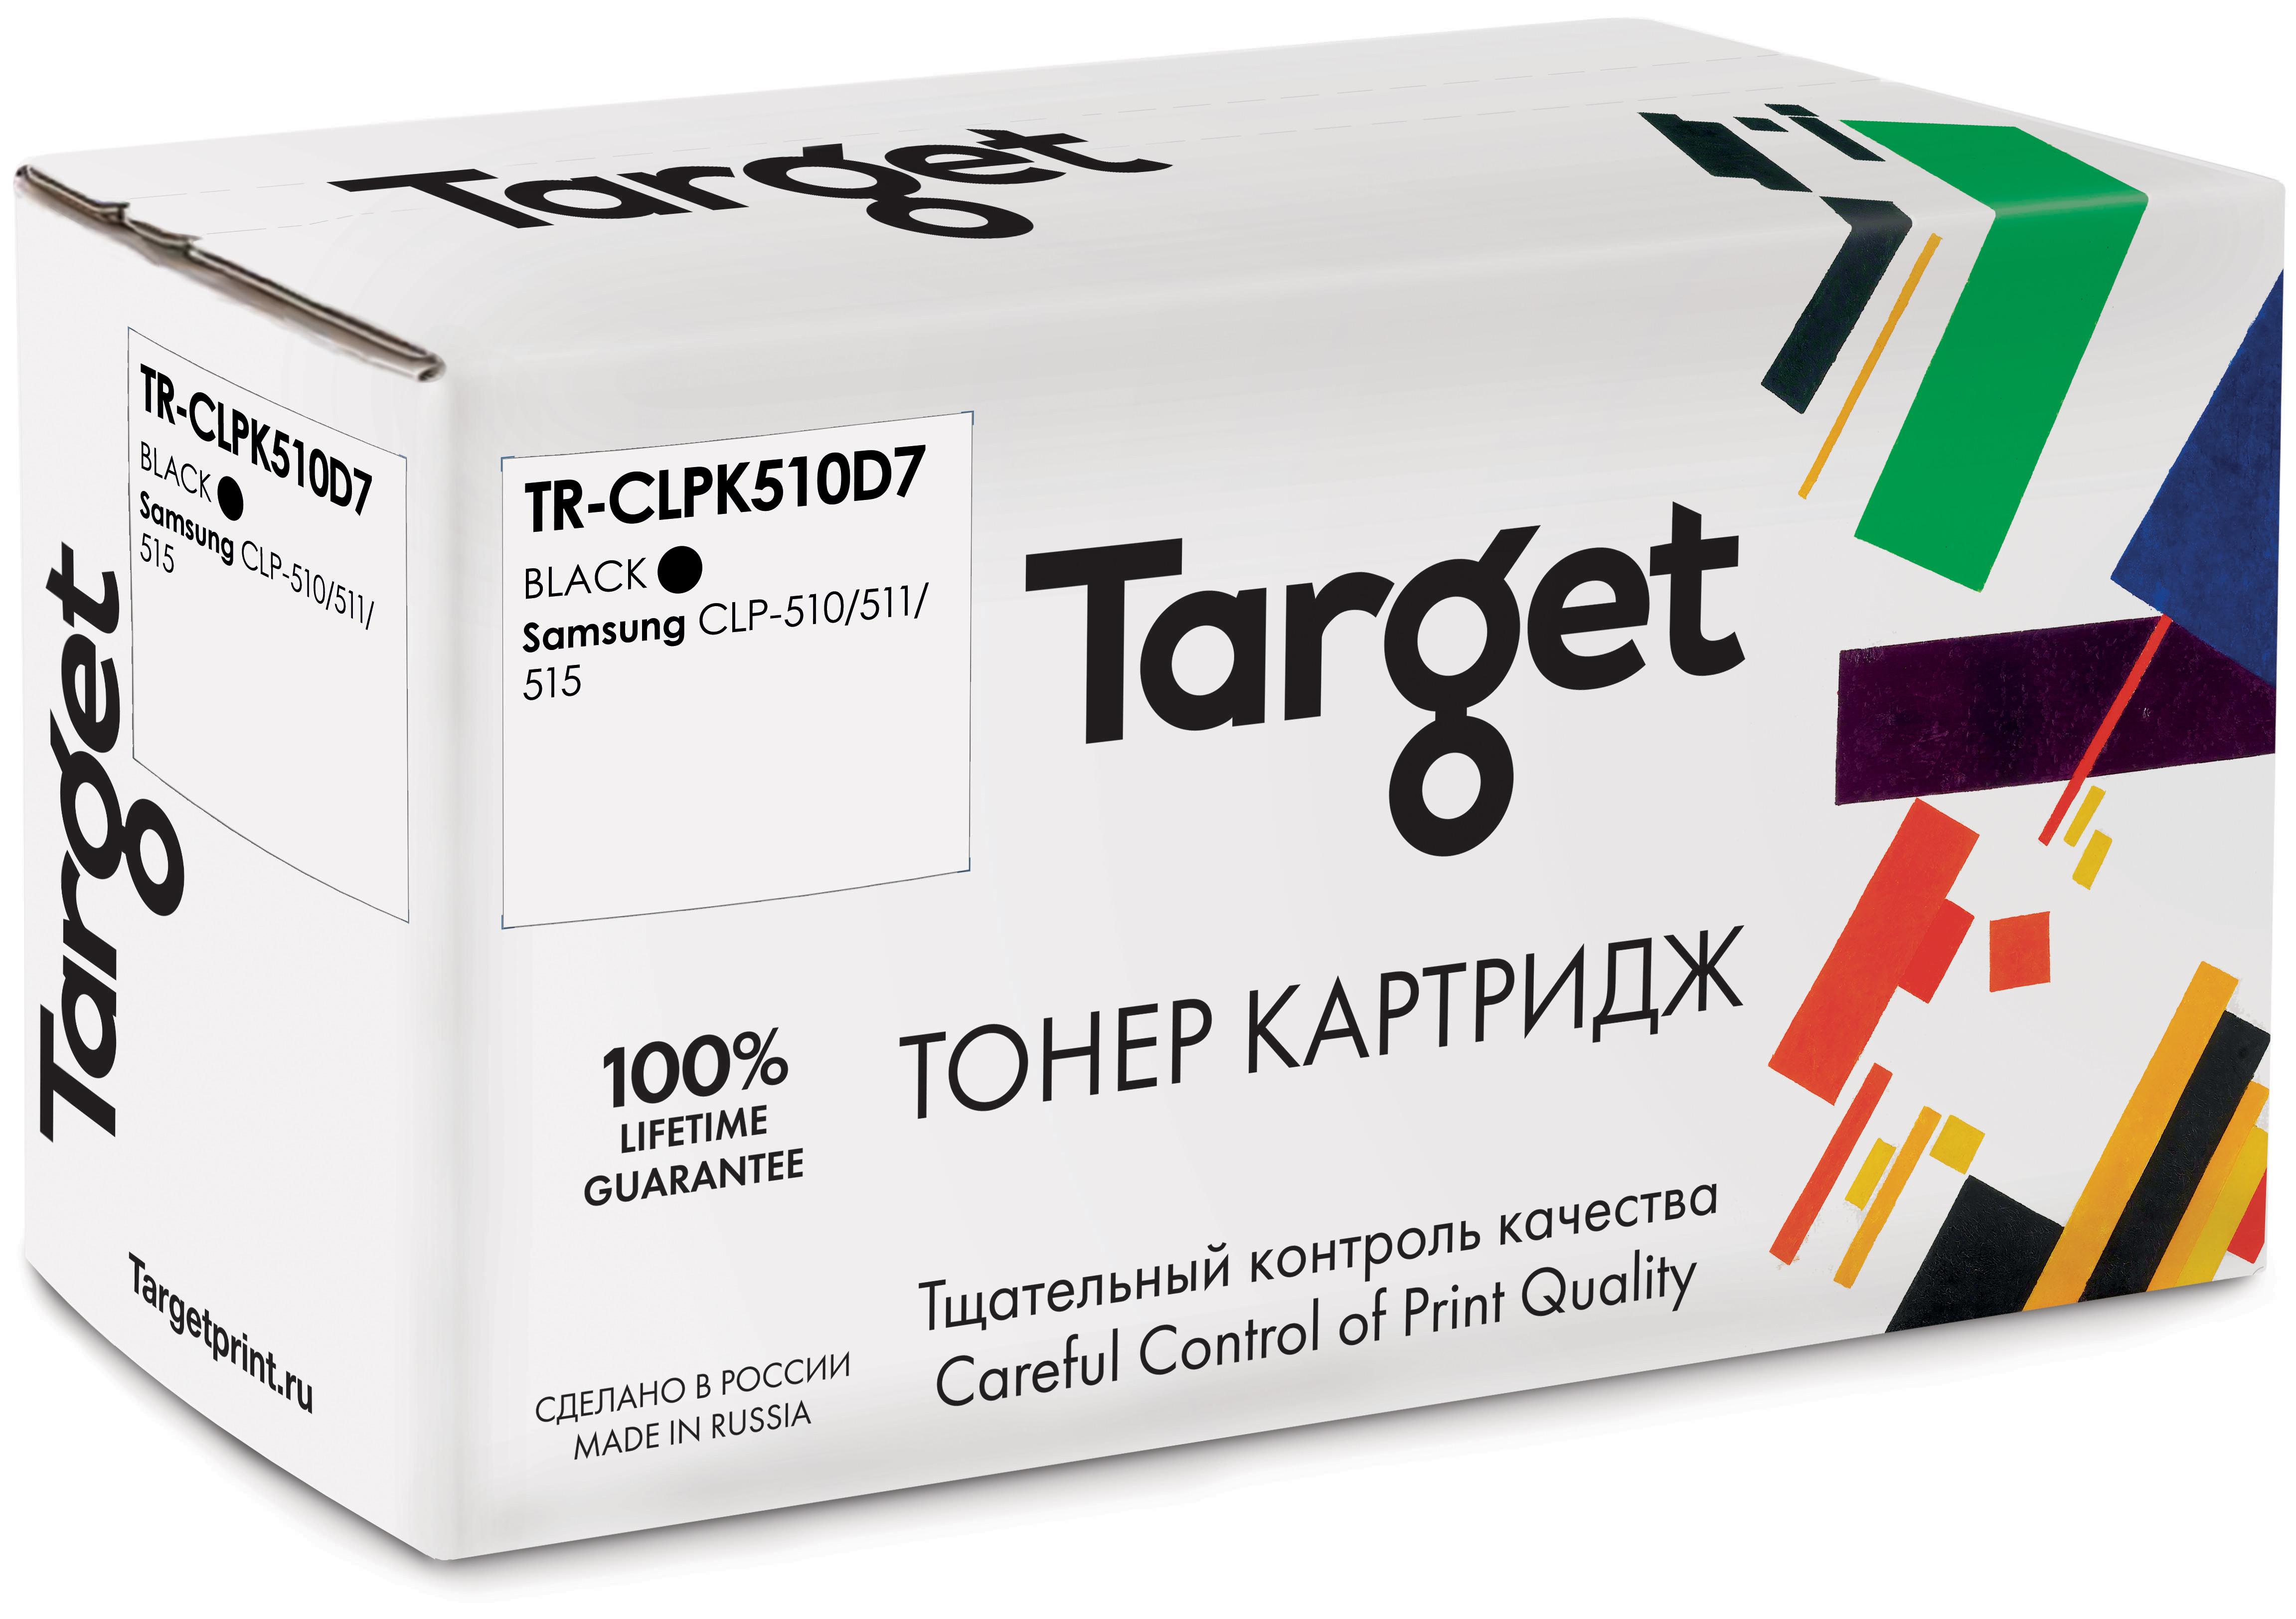 Тонер-картридж SAMSUNG CLP-K510D7